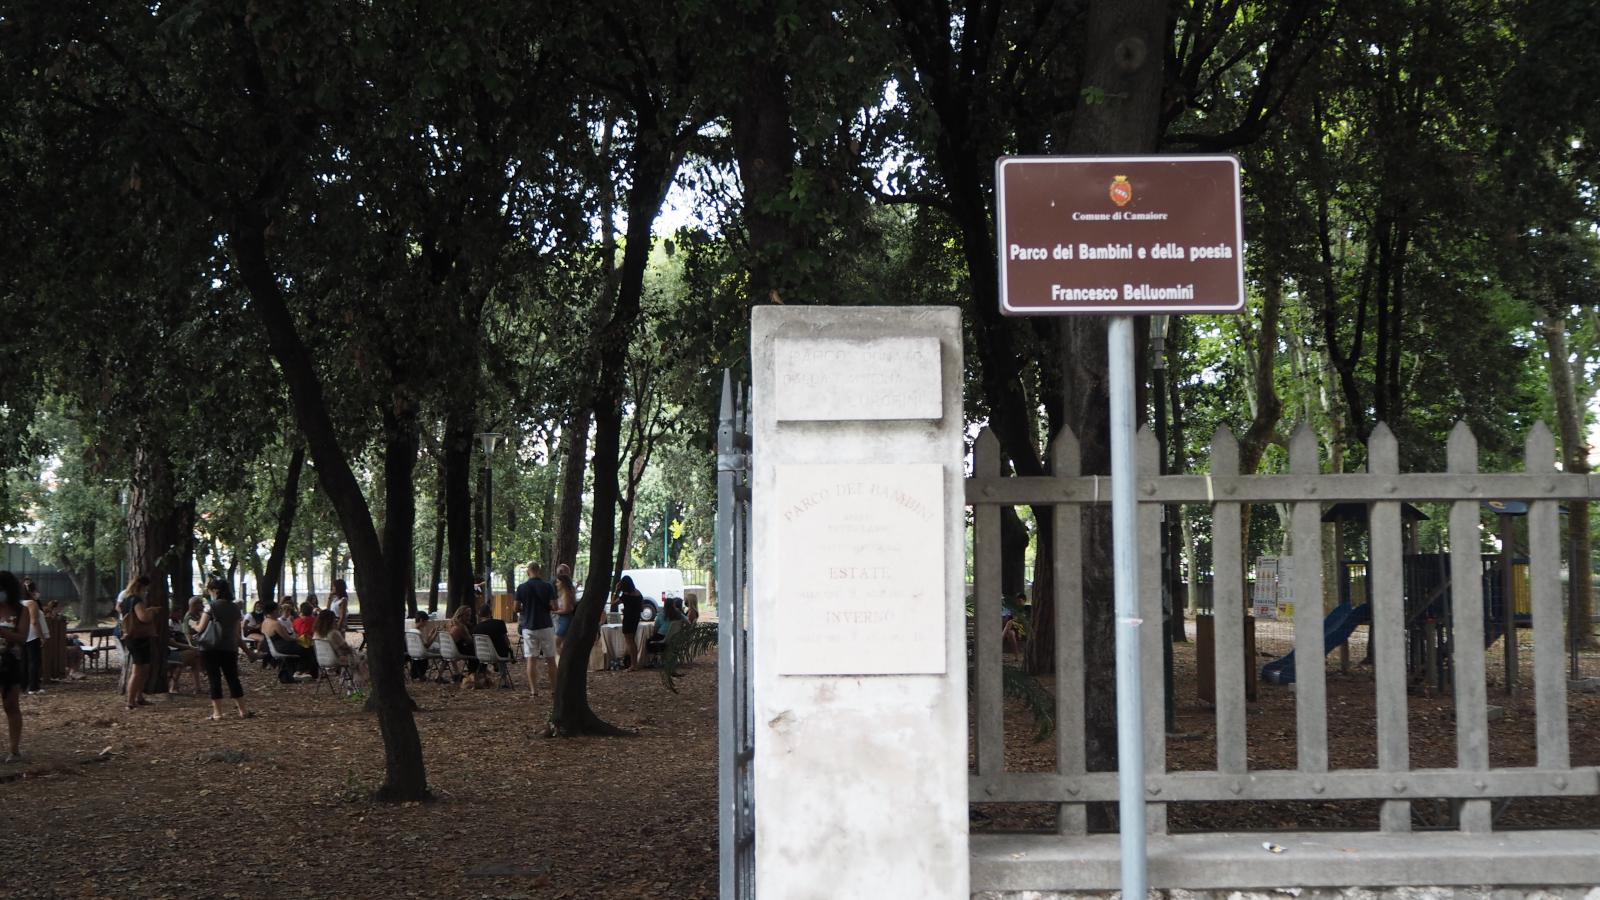 21 marzo giornata mondiale della Poesia: il Comune di Camaiore scopre la statua dedicata all'eminente poeta Francesco Belluomini